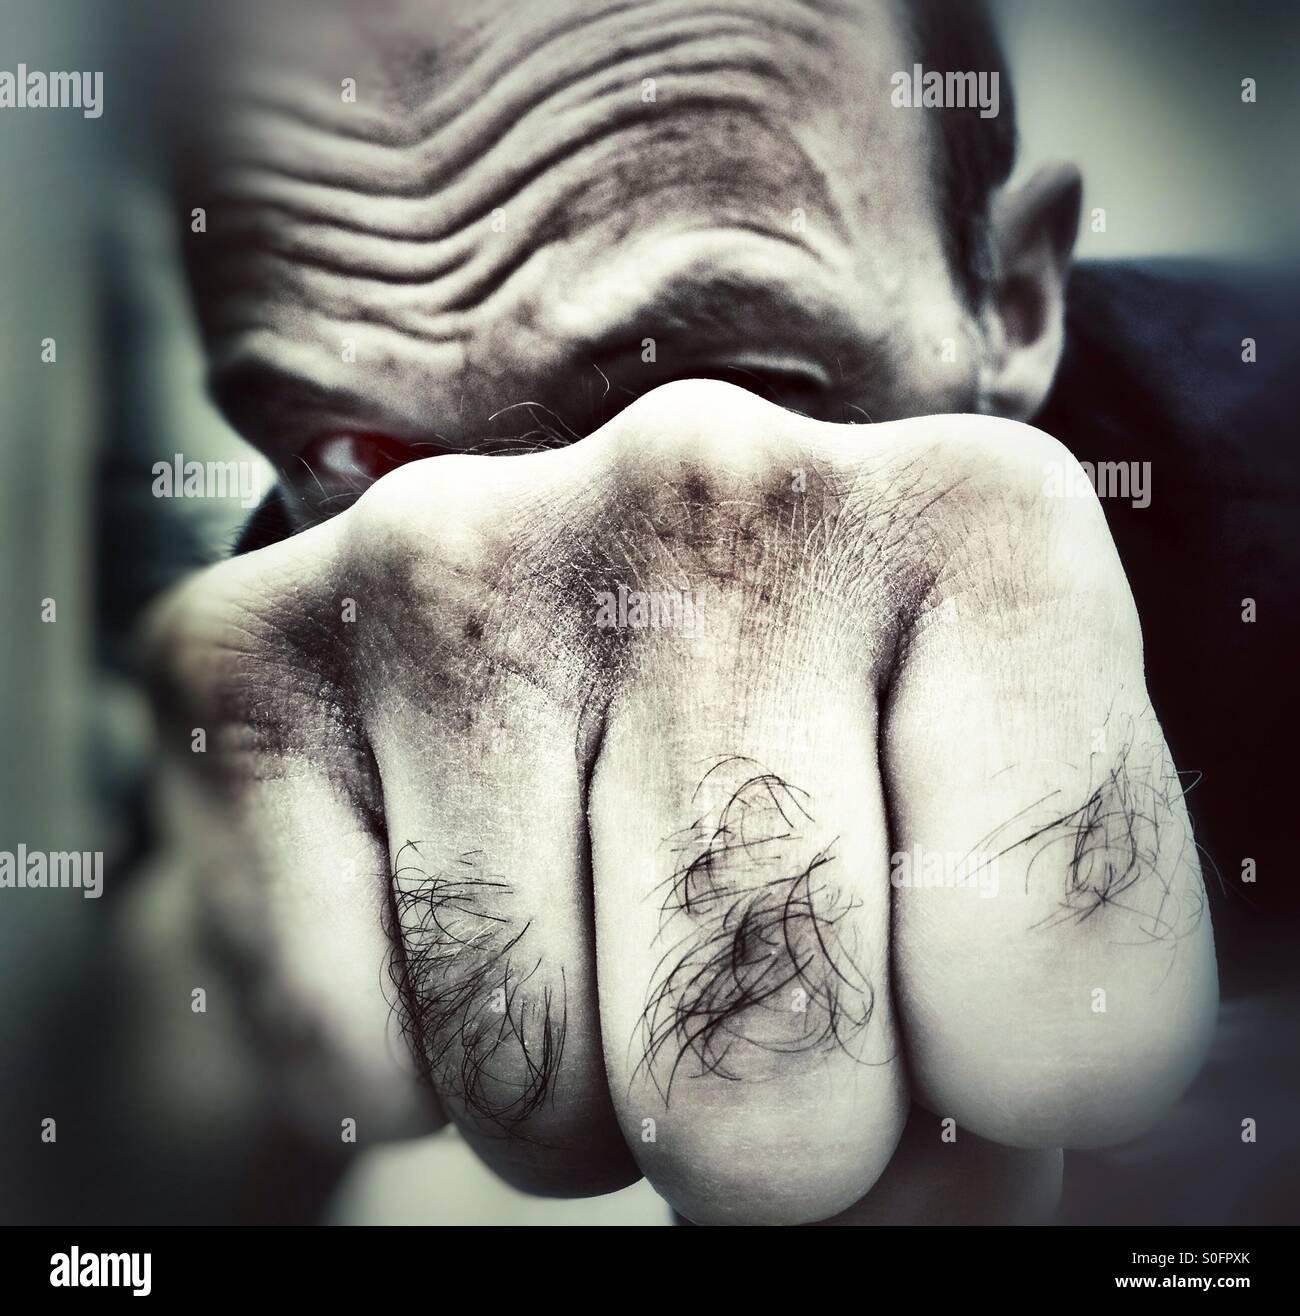 Man punching - Stock Image